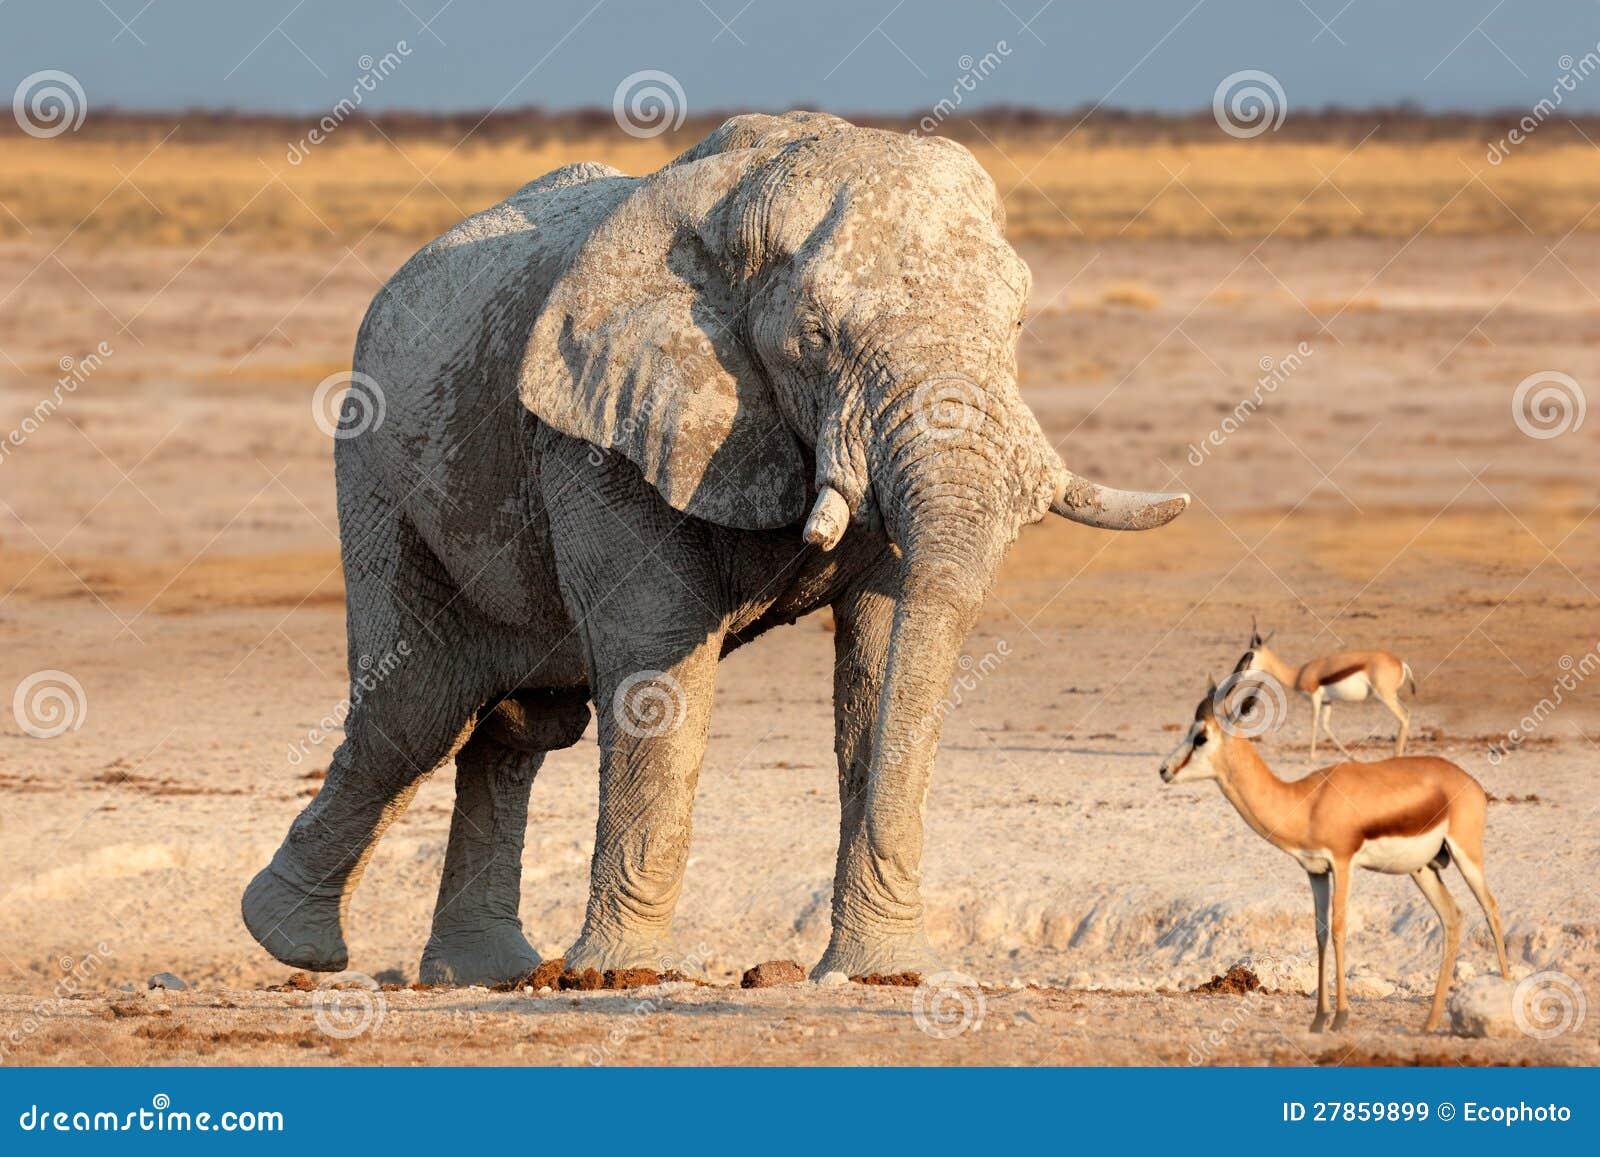 Zakrywający w błocie afrykański słoń